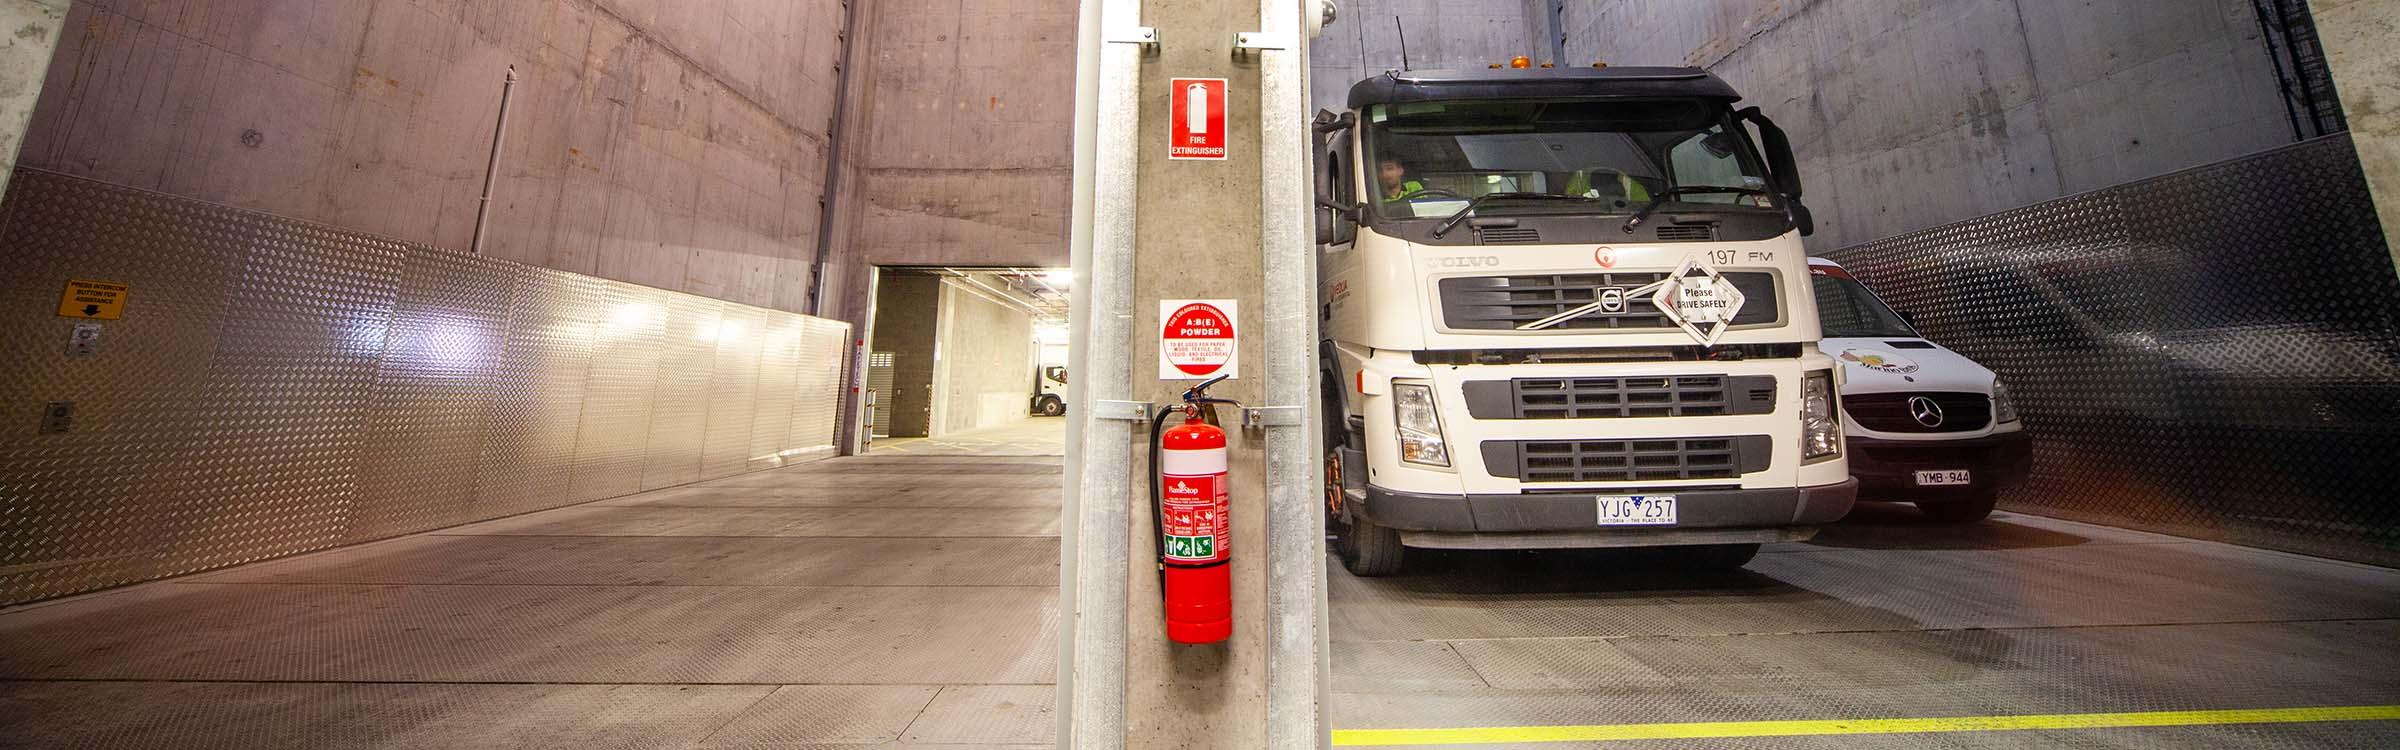 Emporium Heavy Commercial Vehicle Hoist